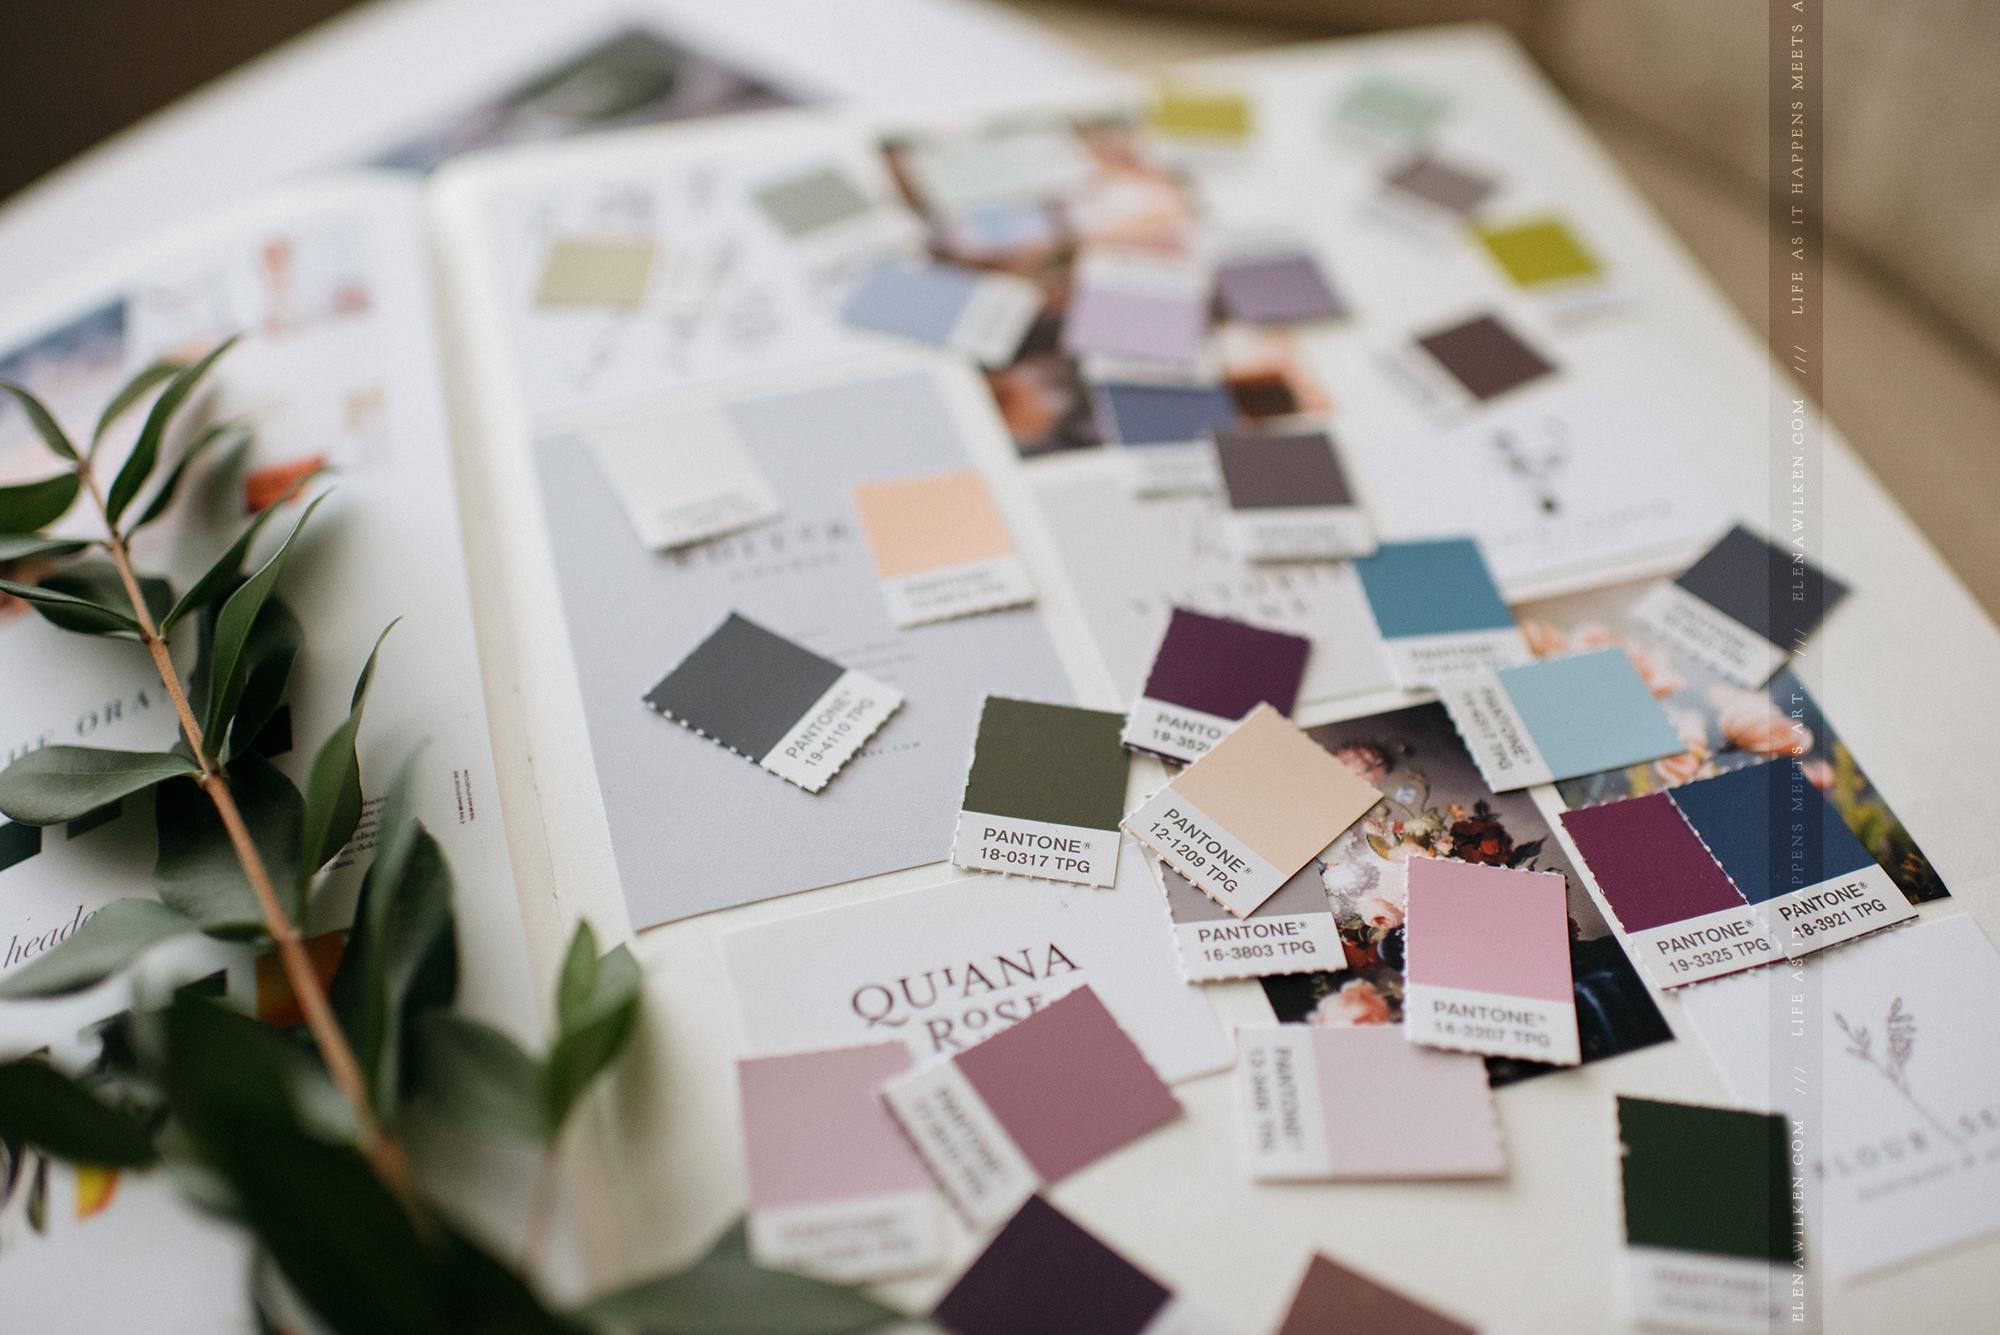 branding-ew-couture-pantone-colors.jpg